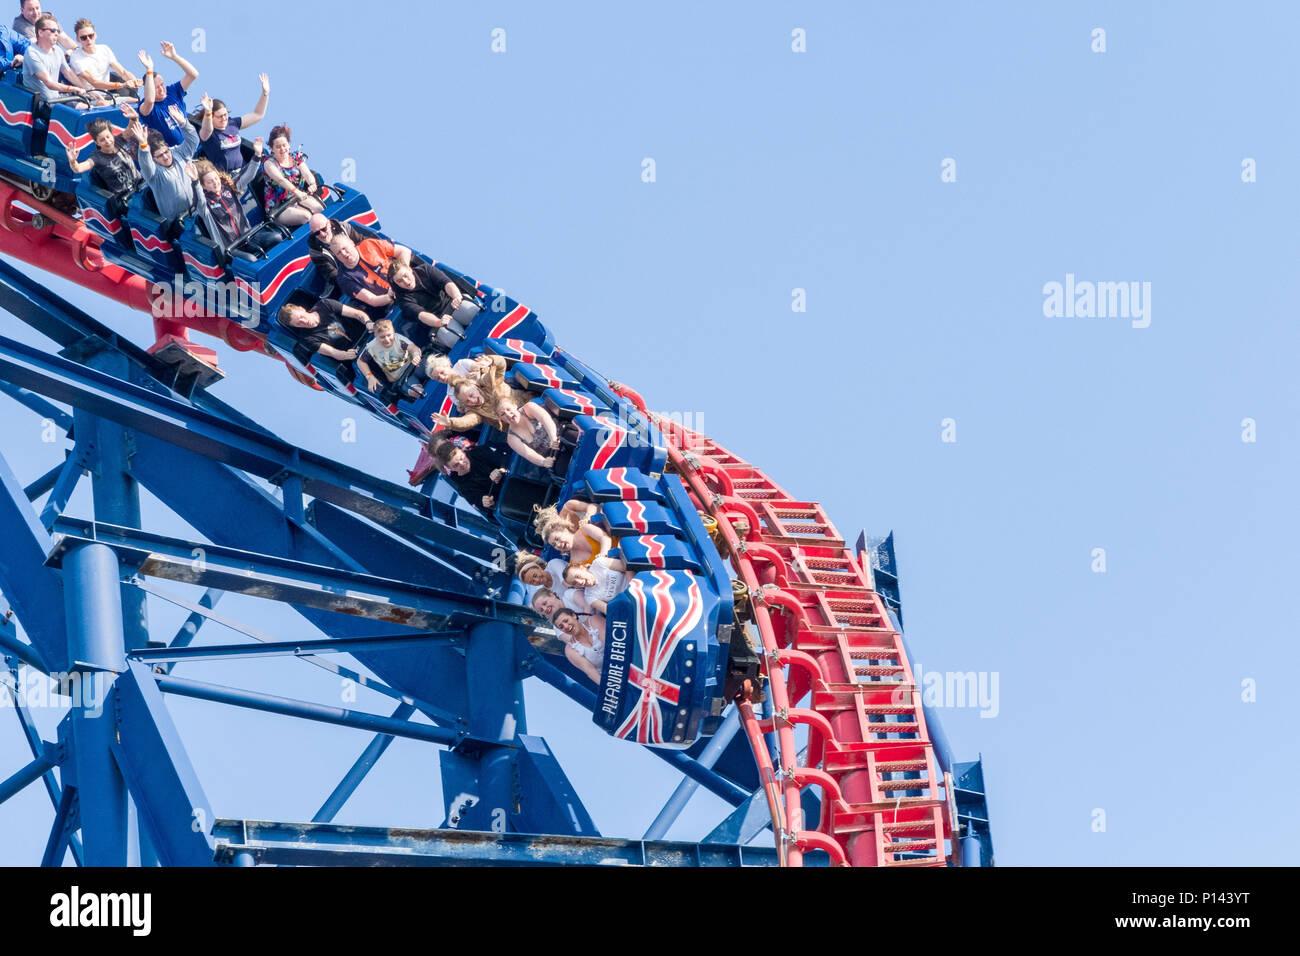 La gente en la cima de la gran montaña rusa, la playa de Blackpool, Lancashire, Inglaterra, Reino Unido. Imagen De Stock